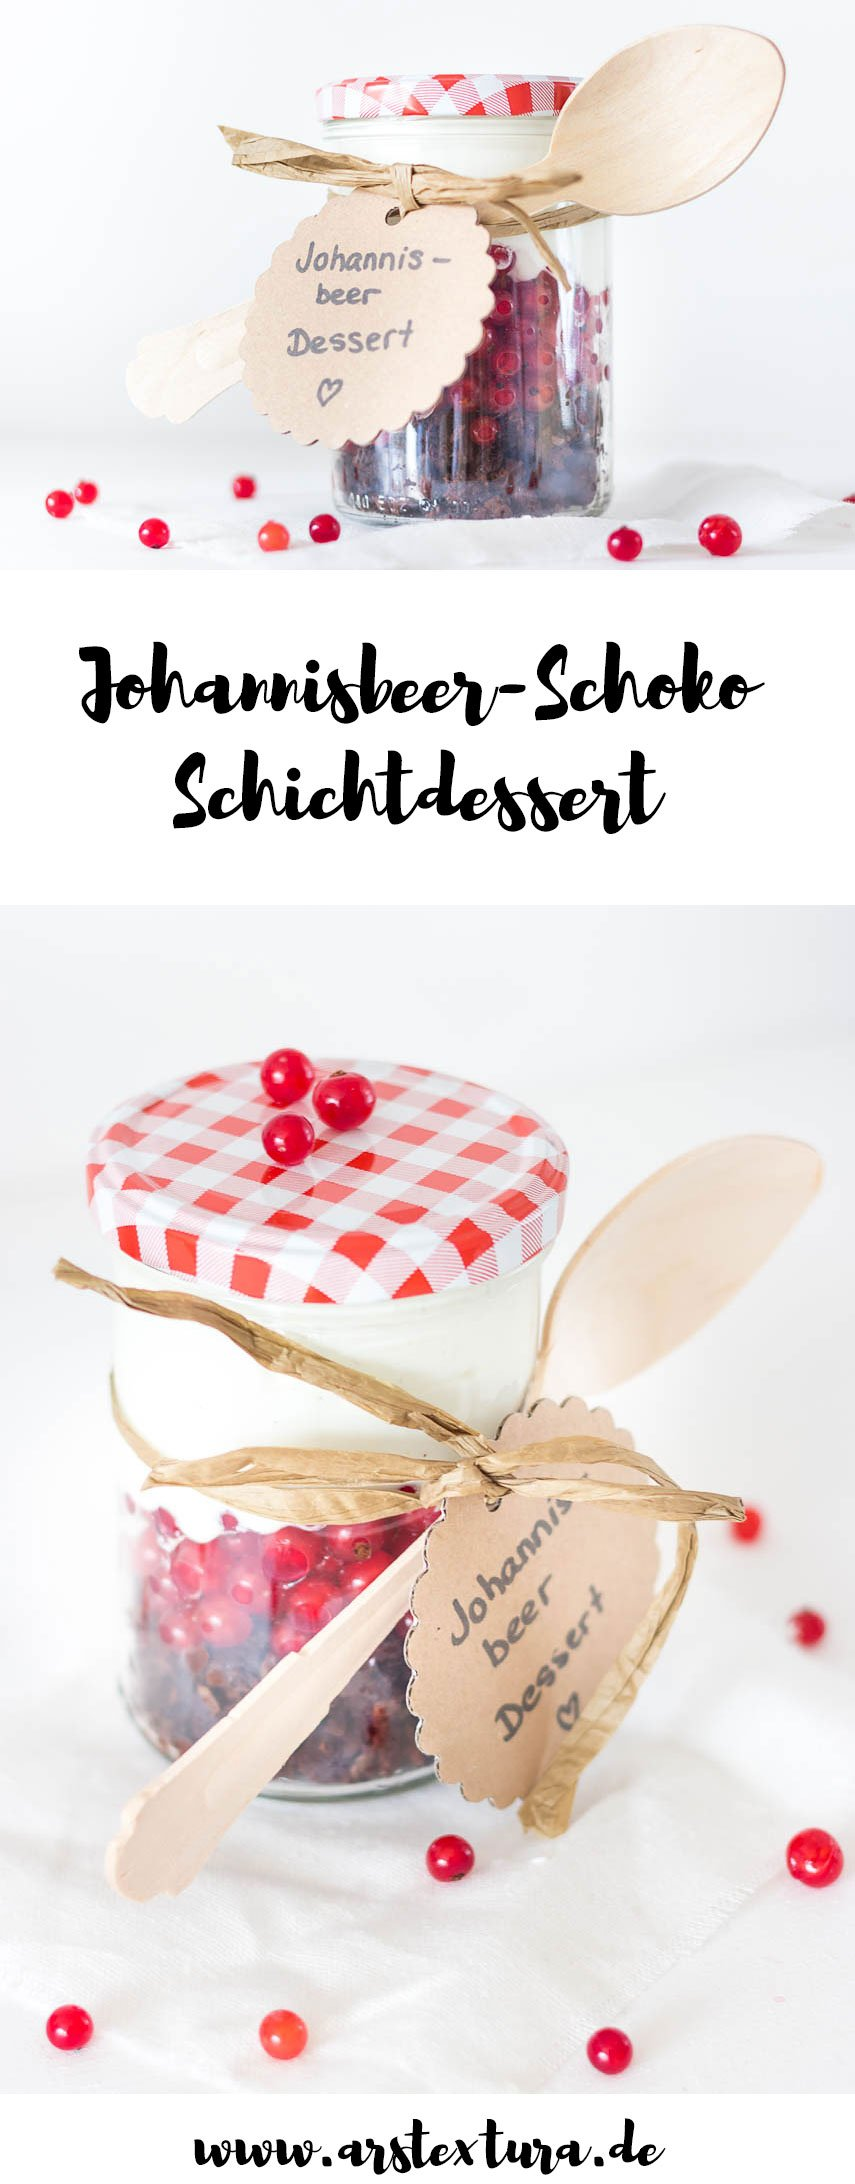 Schichtdessert im Glas fürs Picknick - Johannisbeeren Schokolade